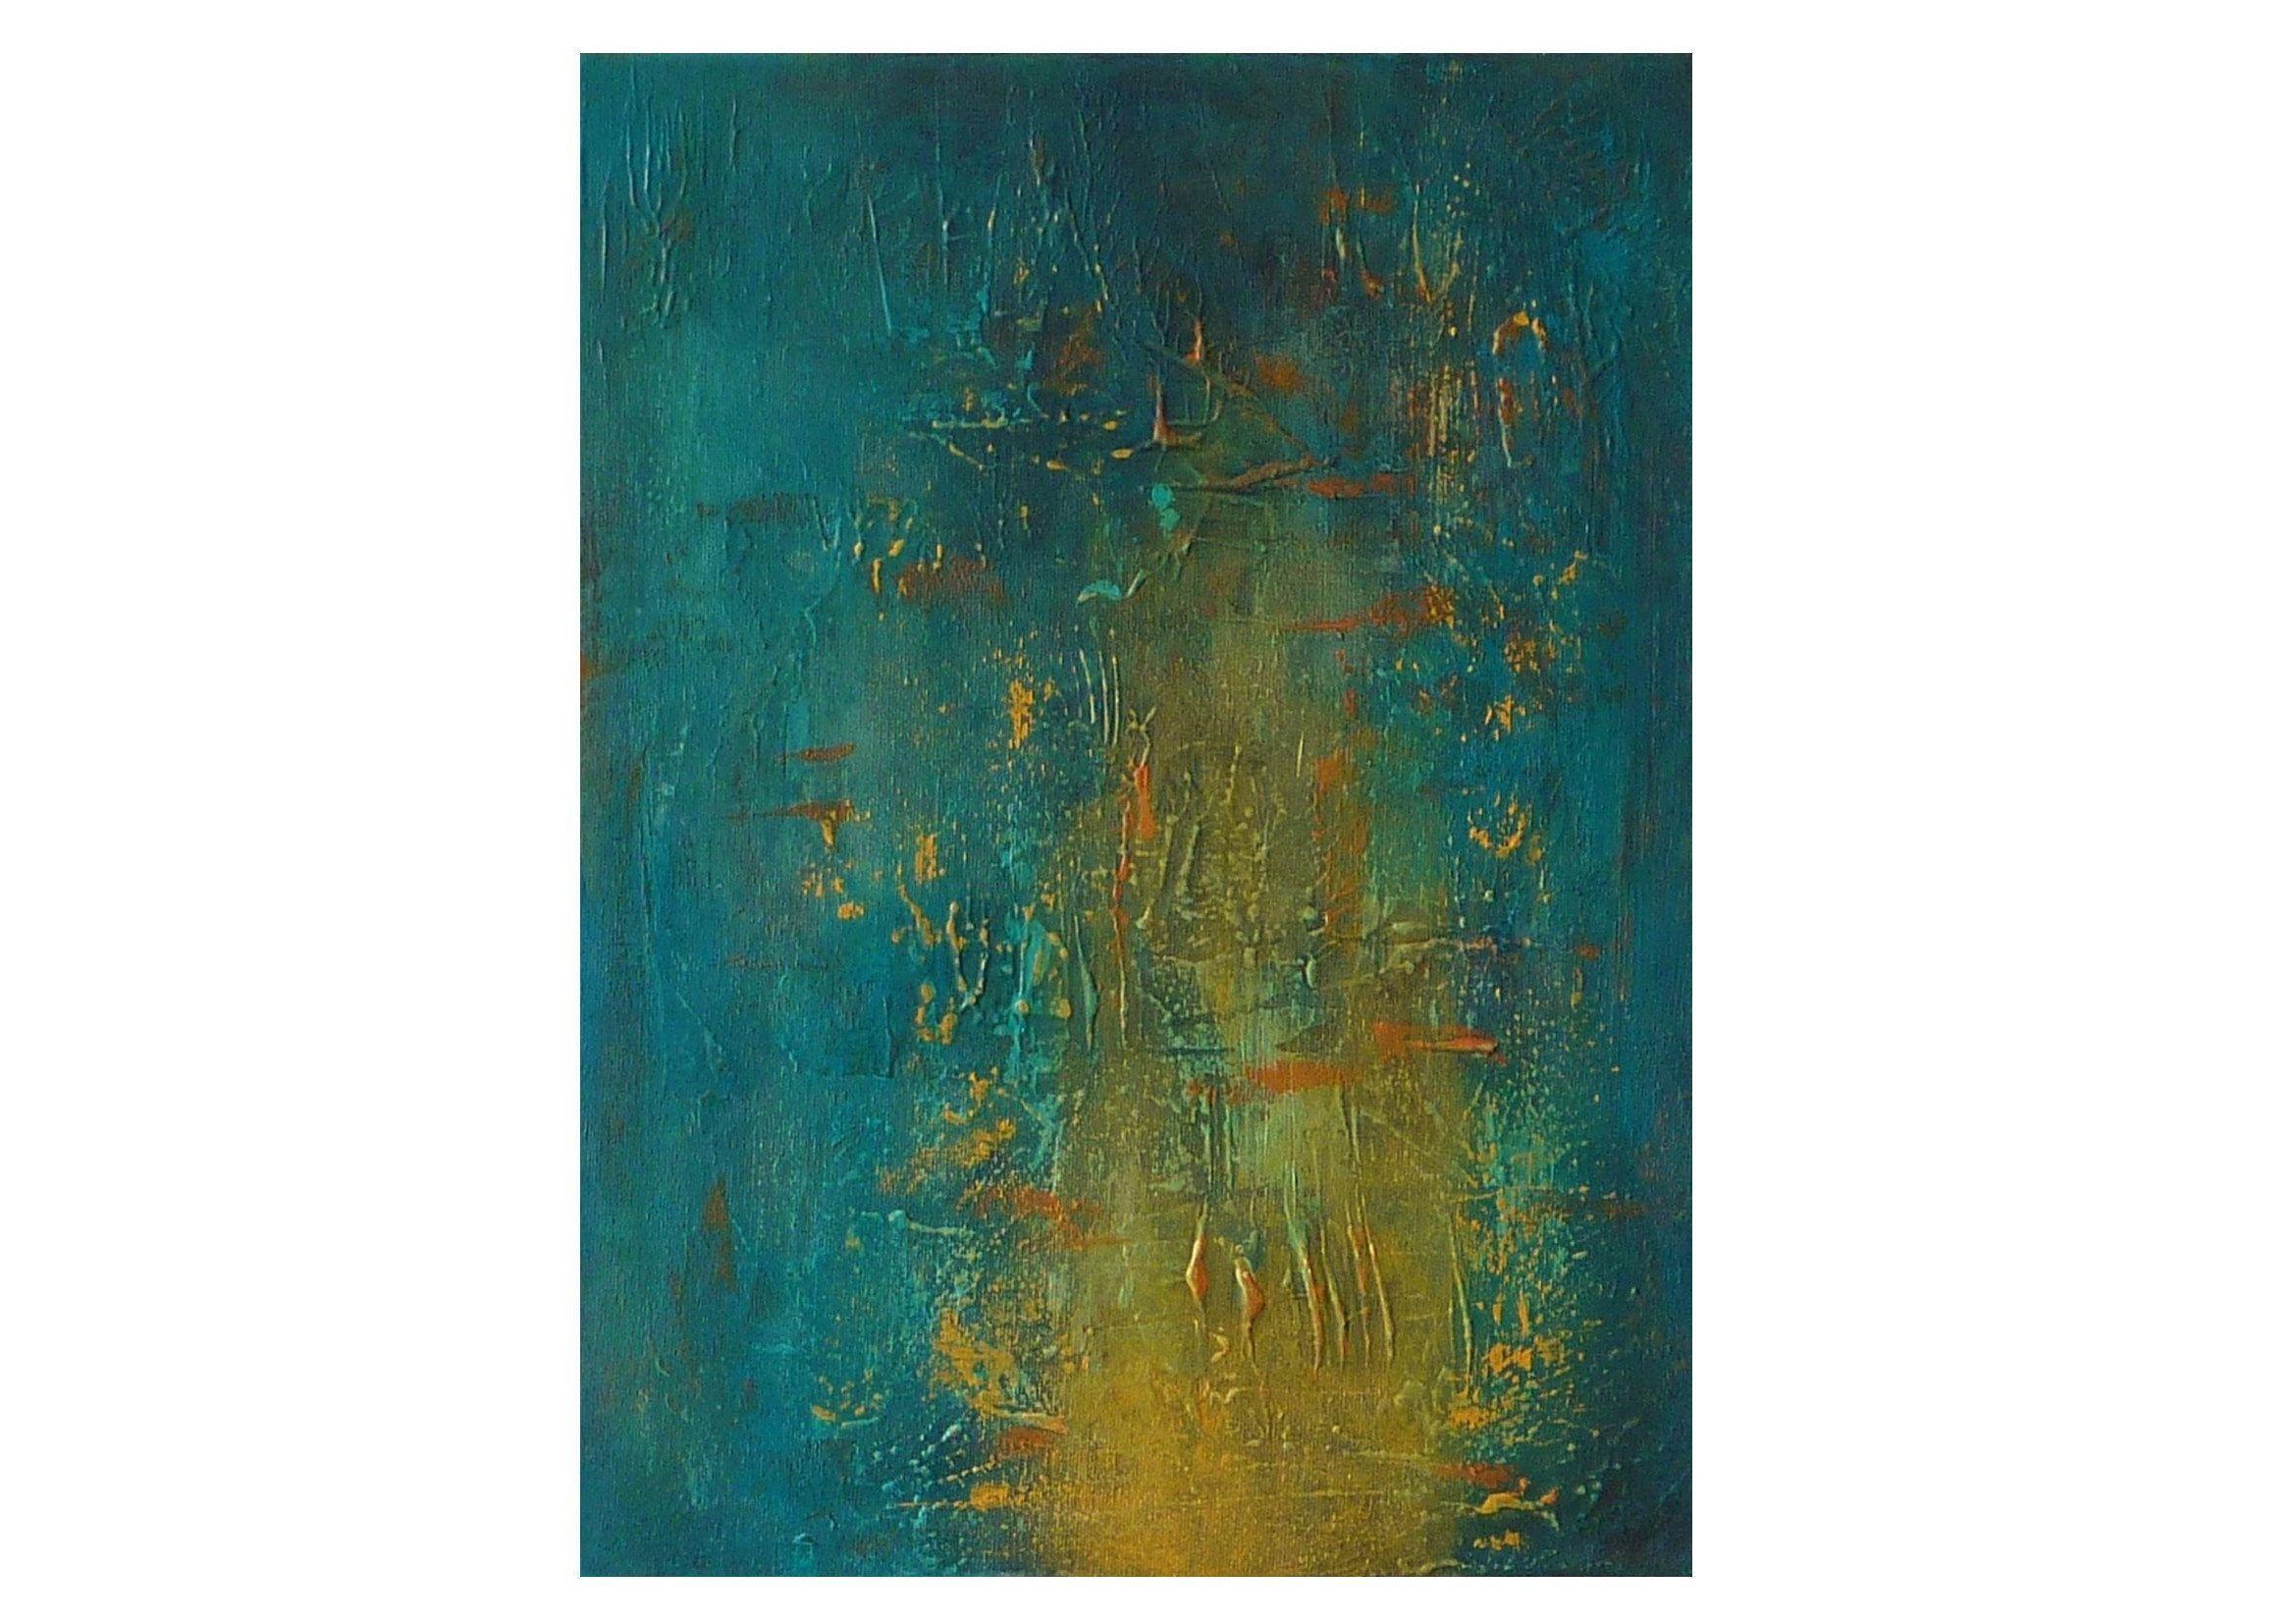 Tableau bleu pétrole jaune abstrait texture vertical peinture